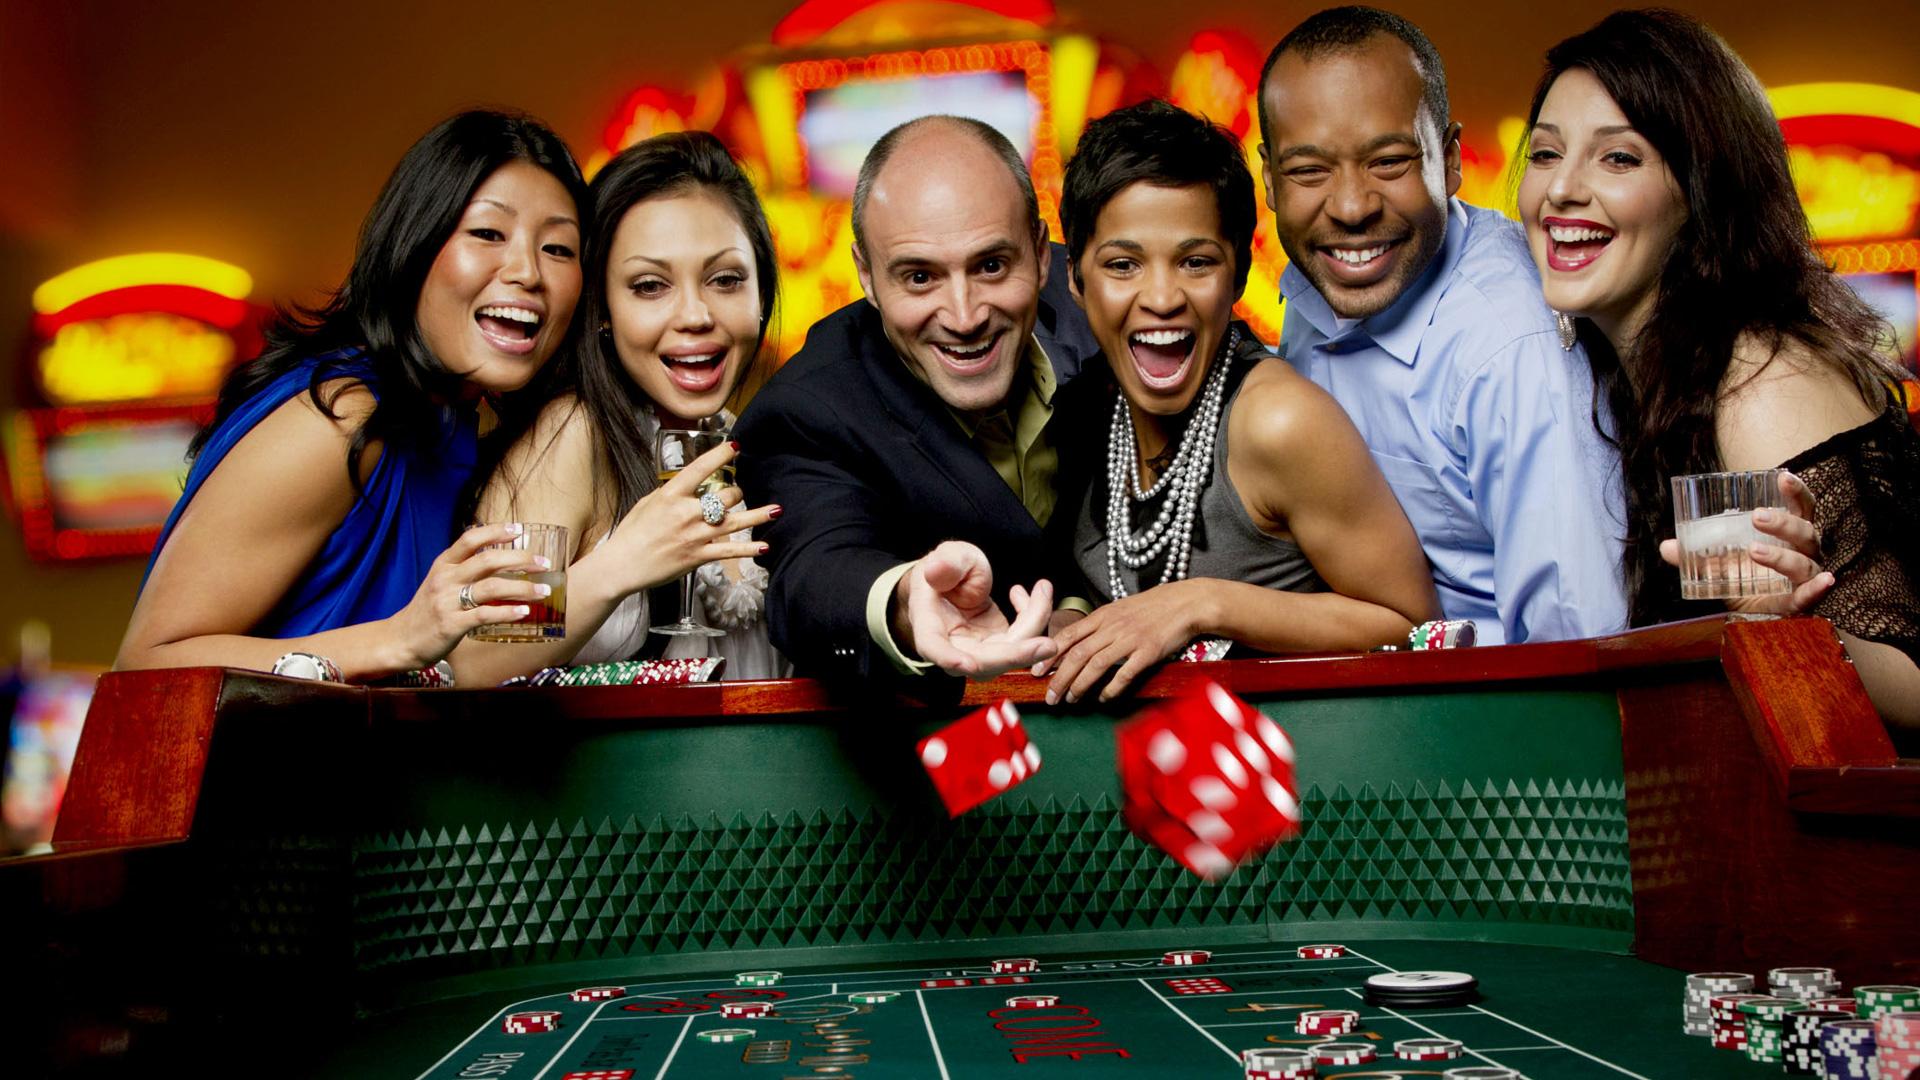 андрей кубанкин в рекламе казино